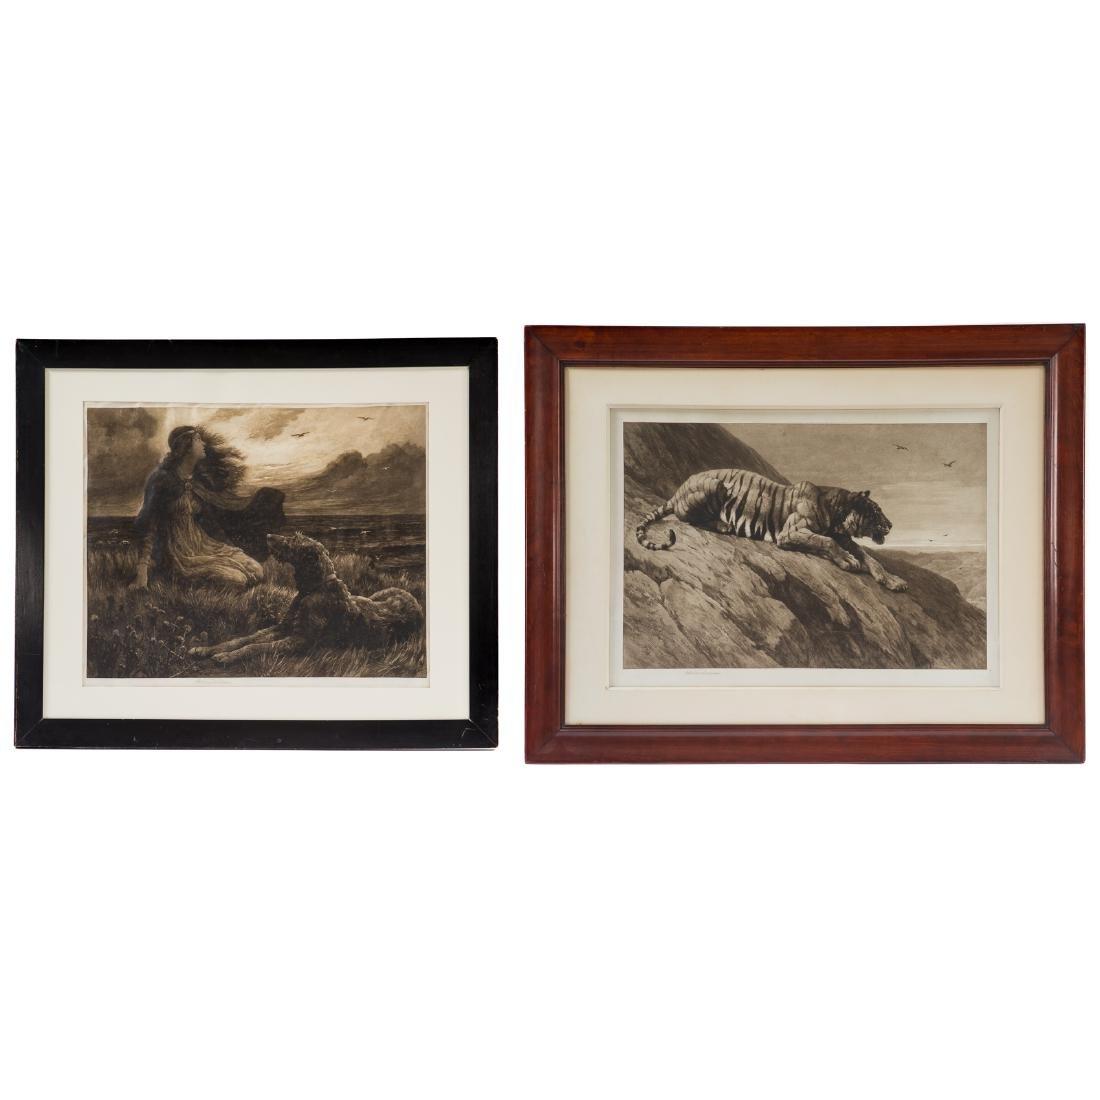 Herbert Thomas Dicksee. Two framed etchings